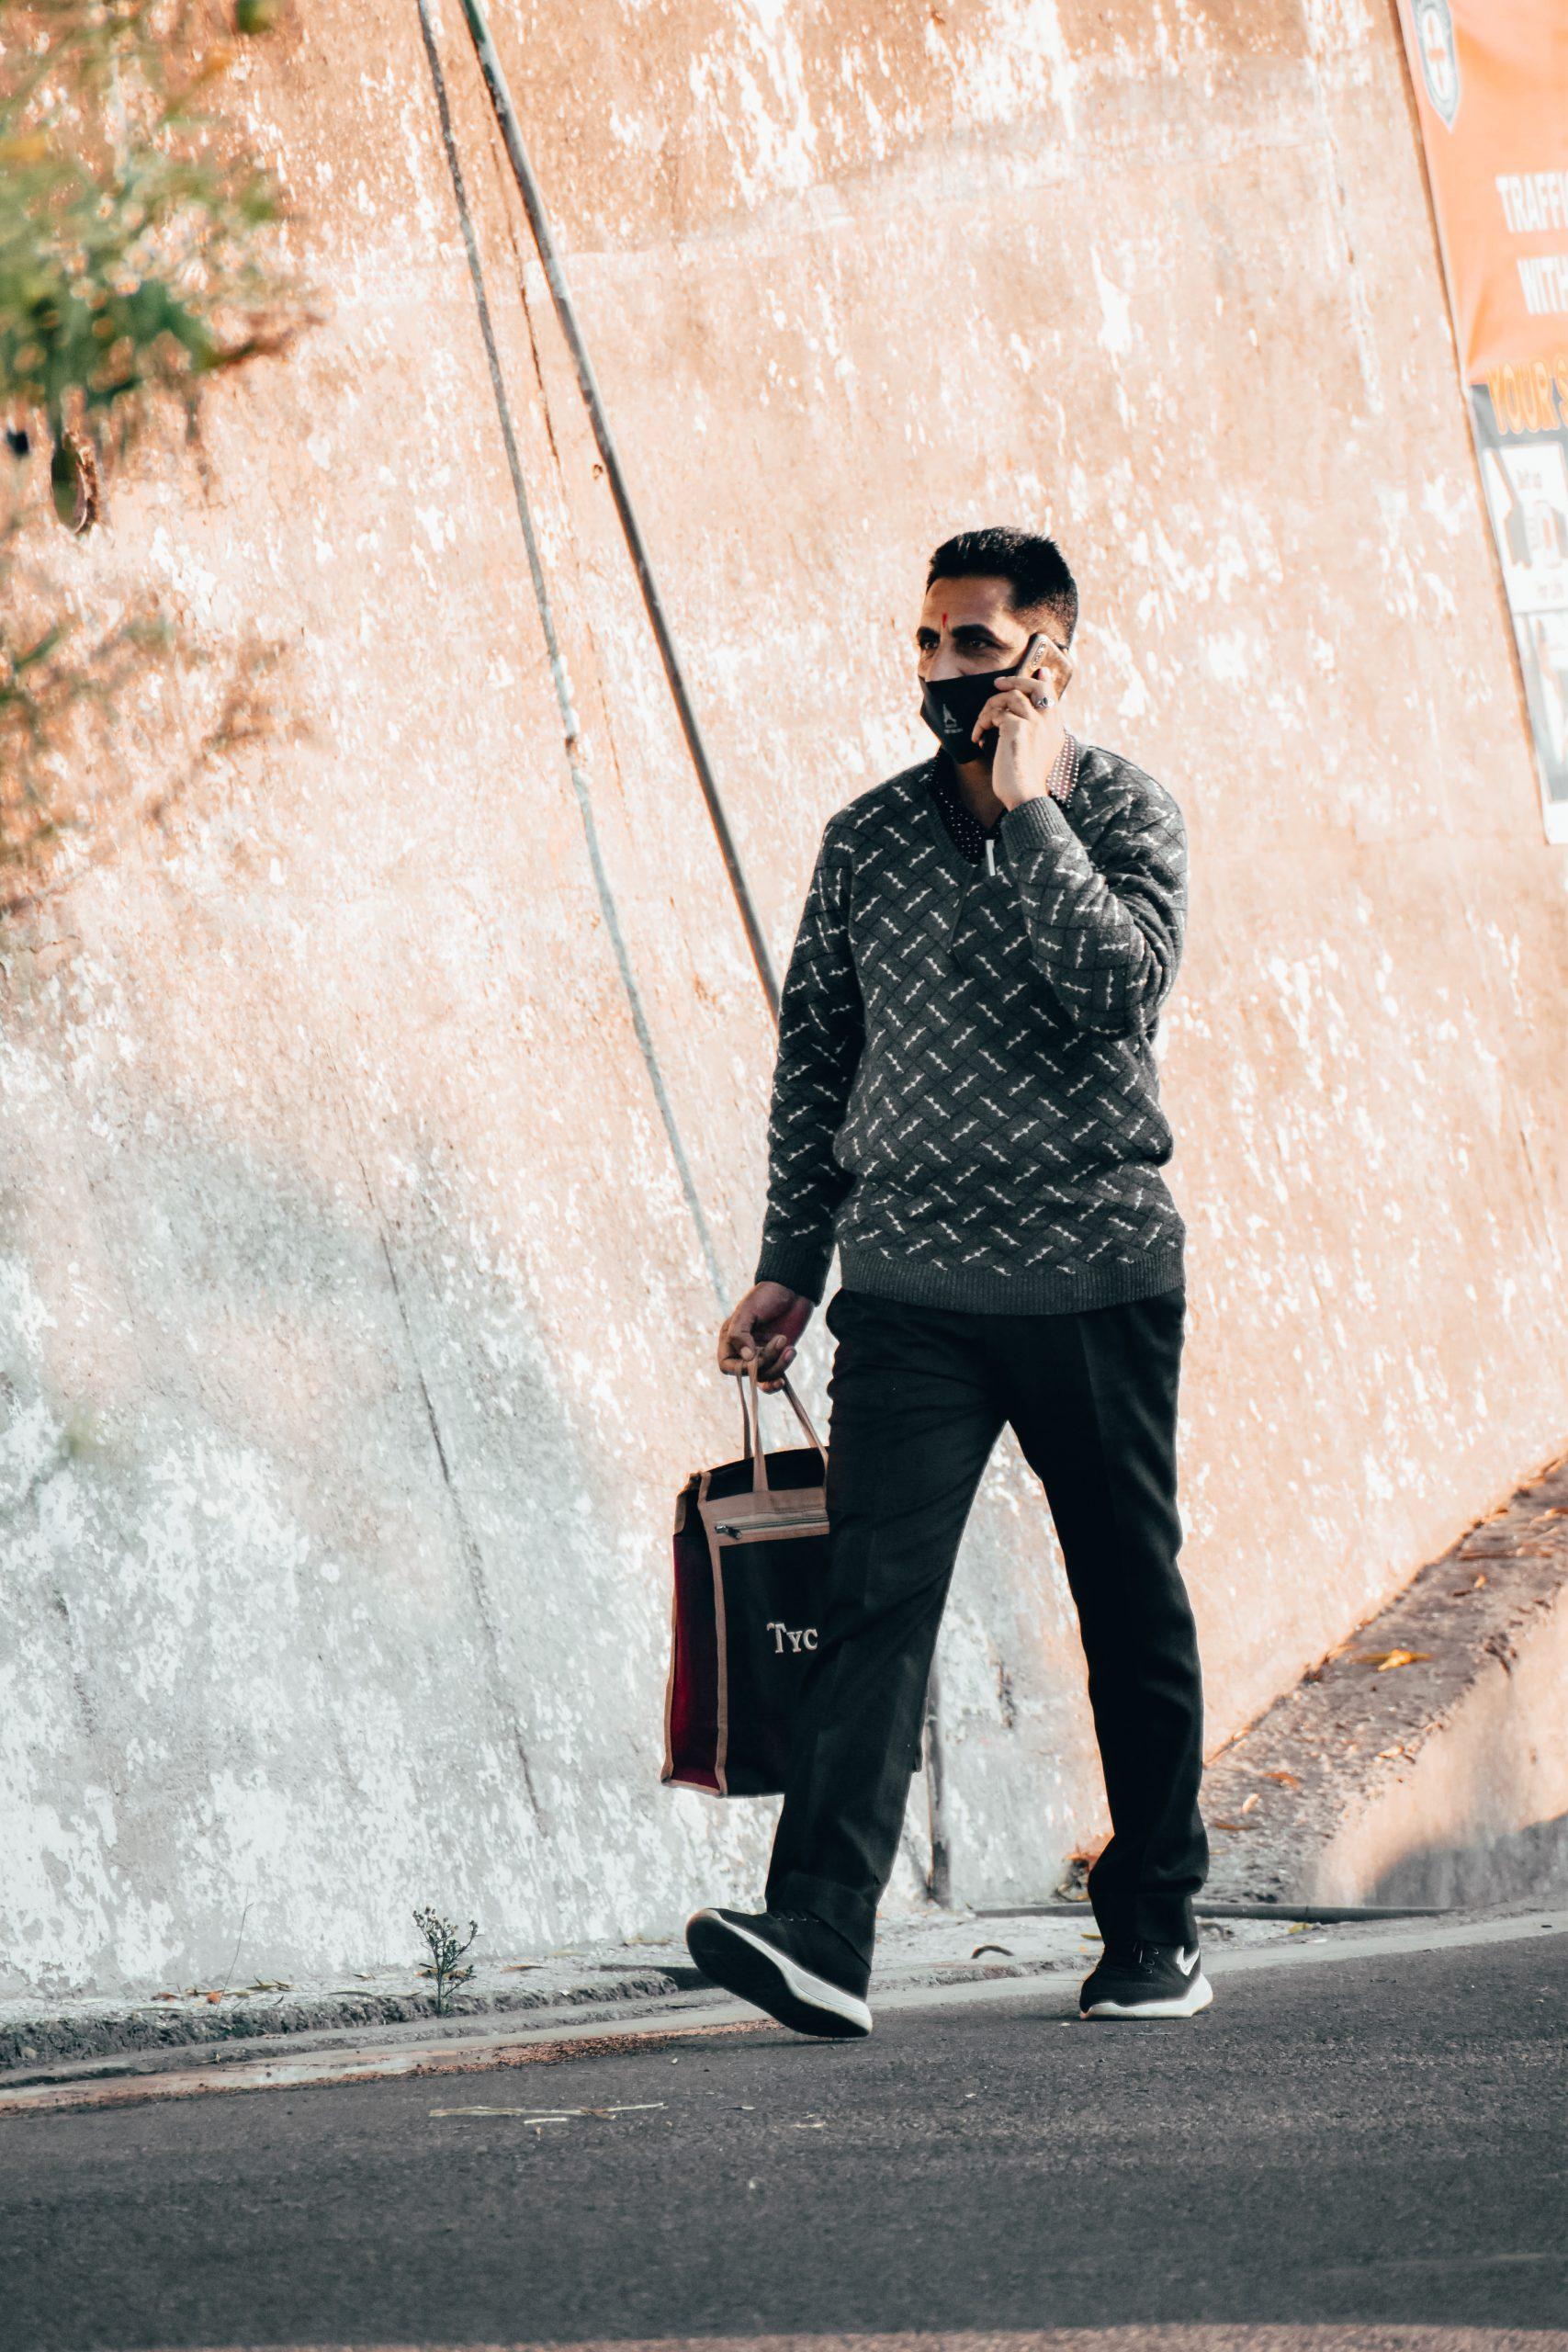 A man attending a phone call